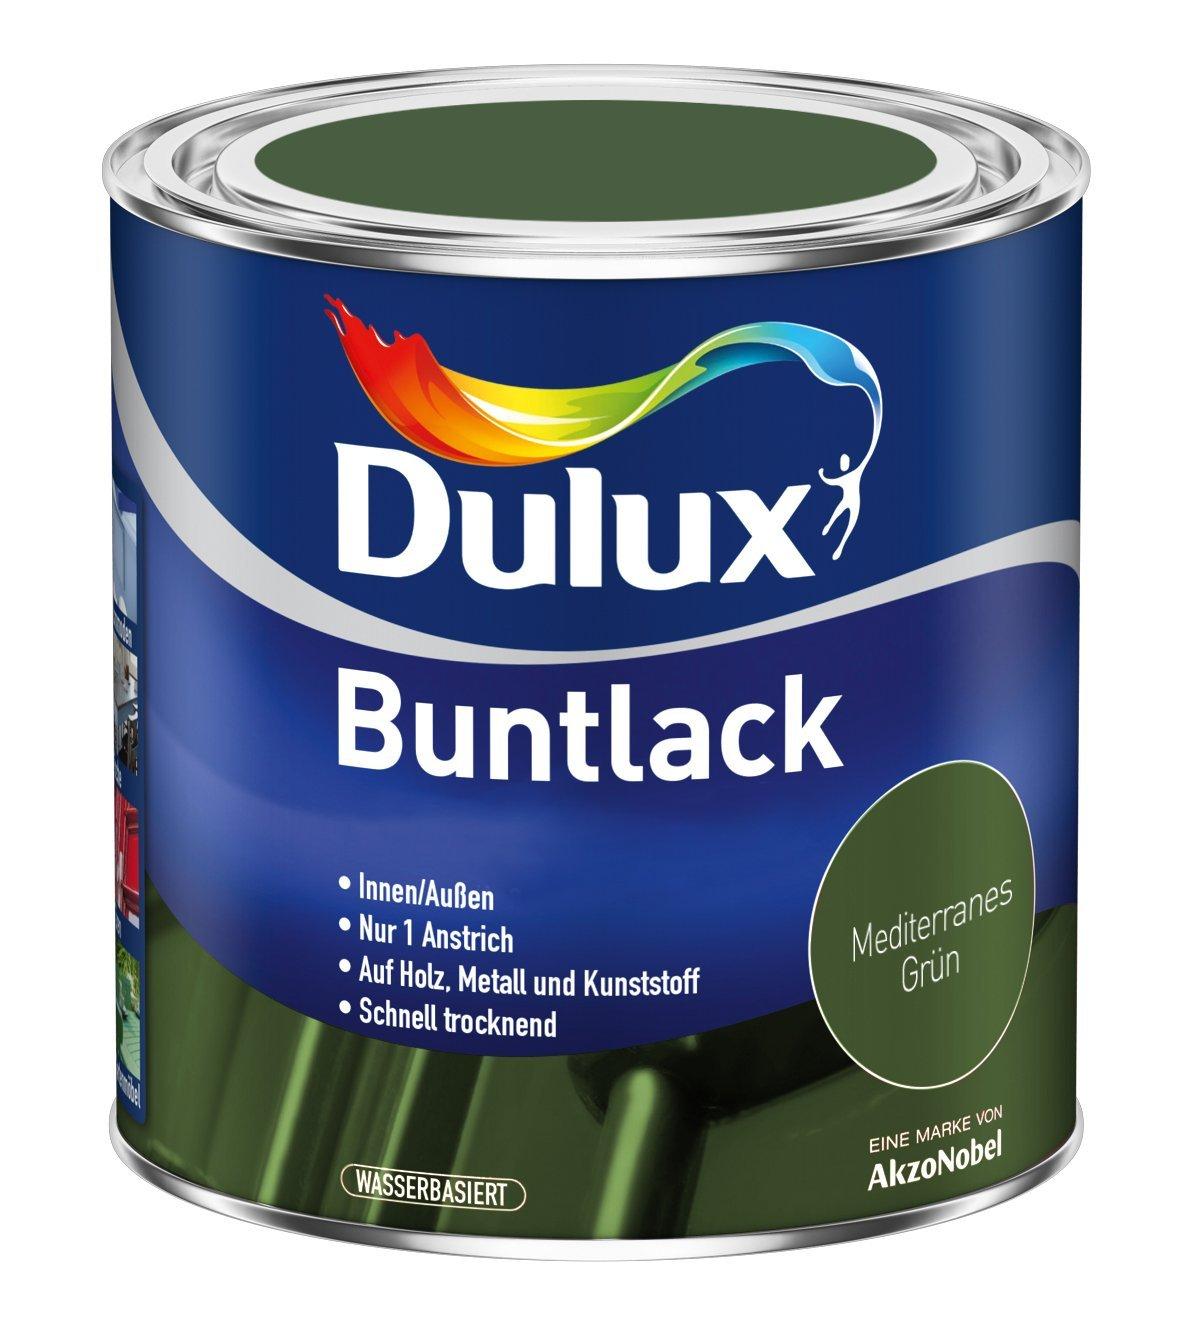 5 x 500ml Dulux Buntlack Seidenmatt für innen und außen 2,5 Liter Farbton Wählbar